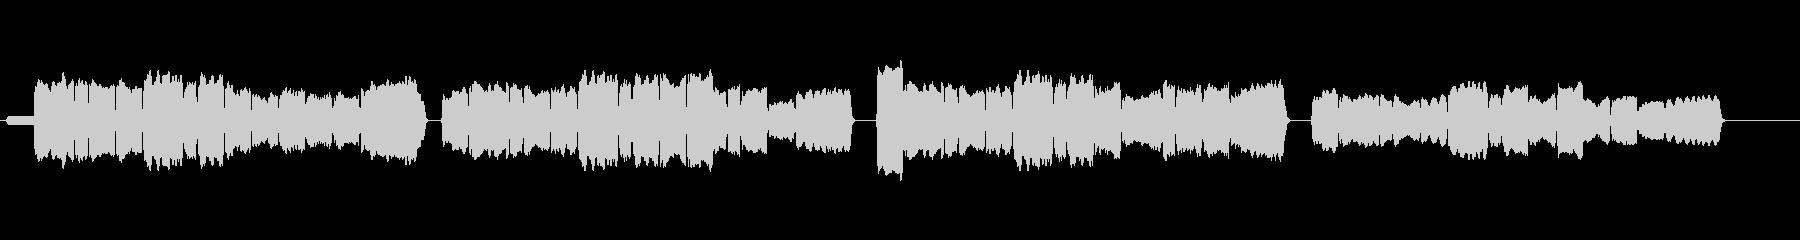 蛍の光 リコーダーの未再生の波形